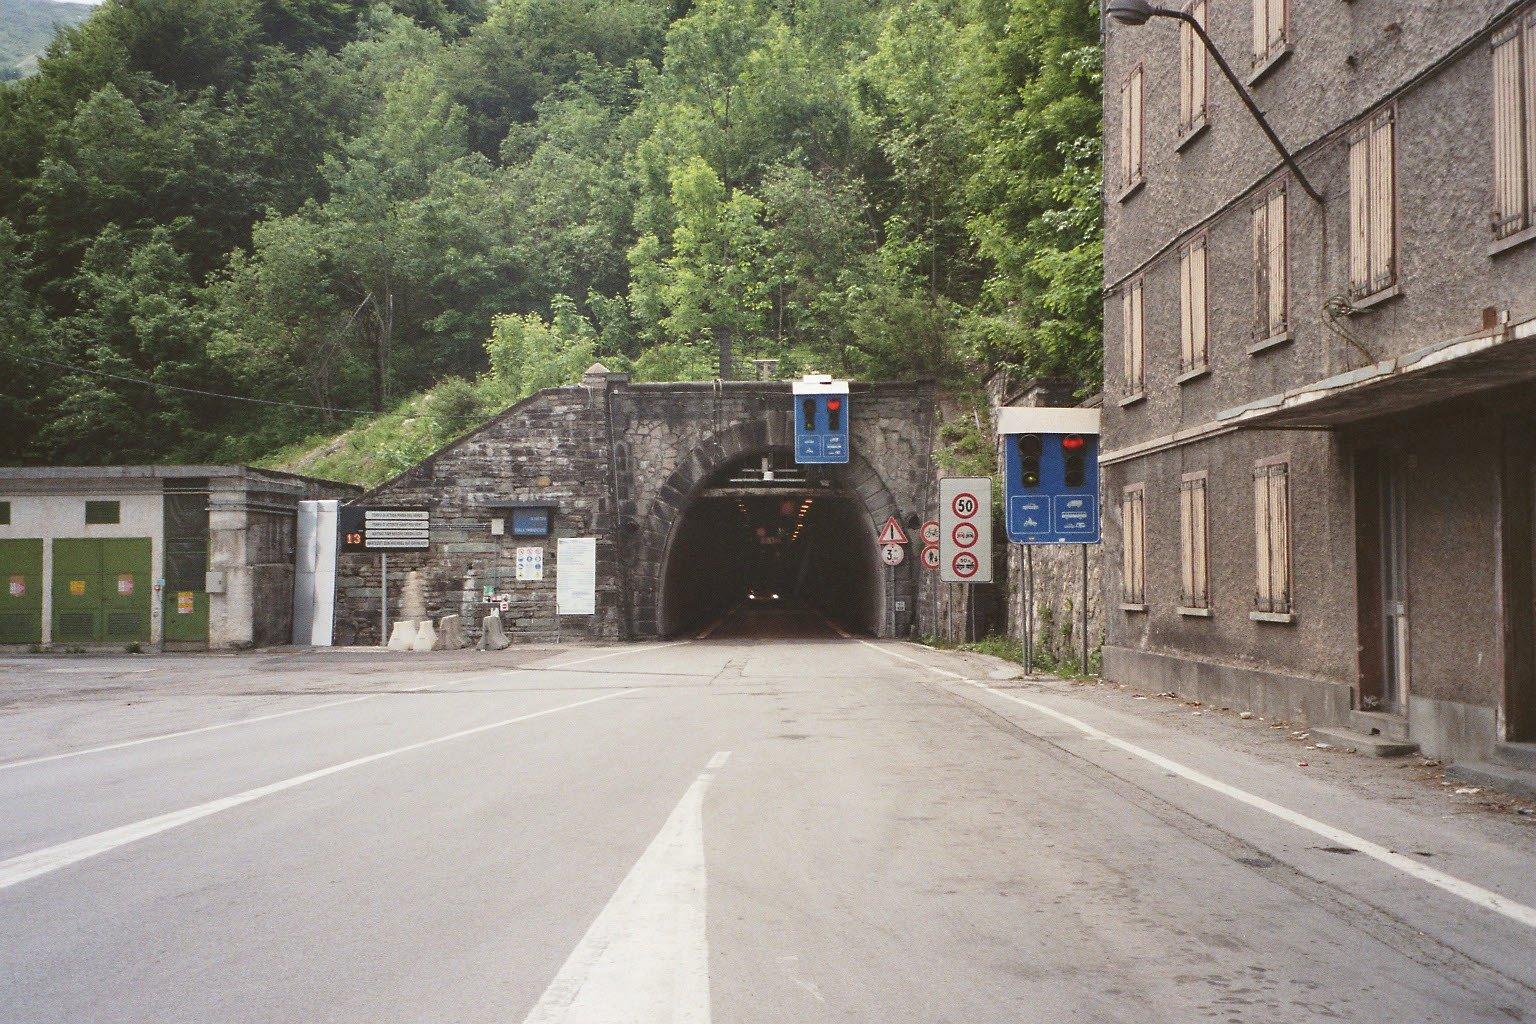 Tende A Tunnel.Col De Tende Road Tunnel Wikipedia